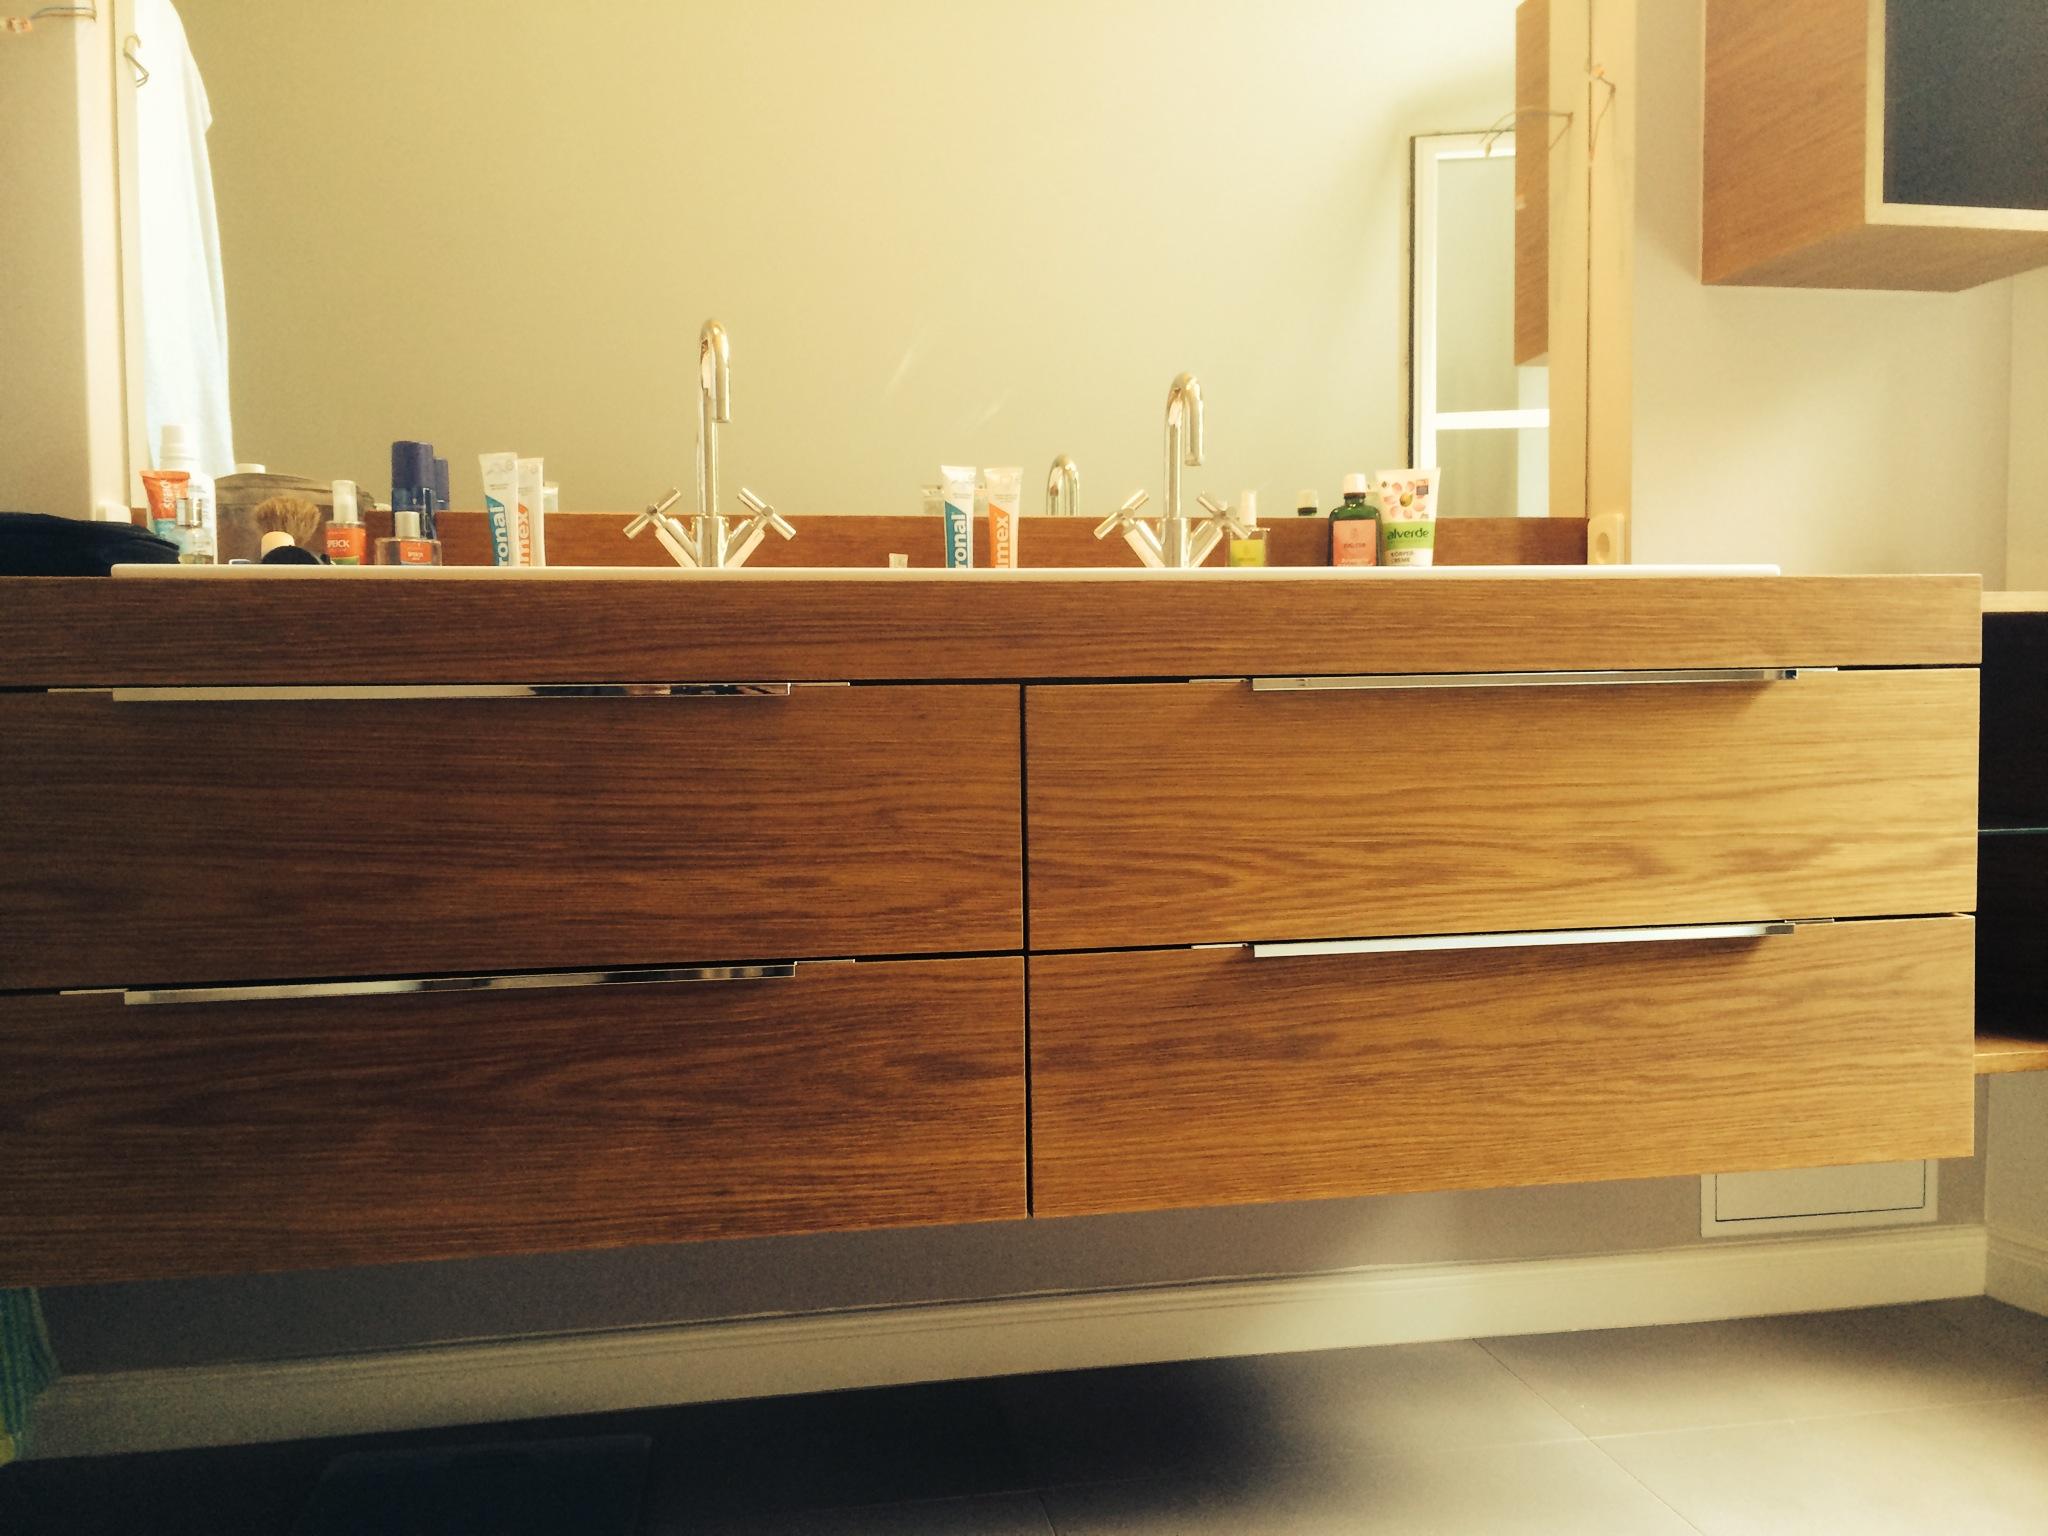 Waschtischunterschrank holz hängend  Badmöbel | Tischlerei in Hamburg Altona